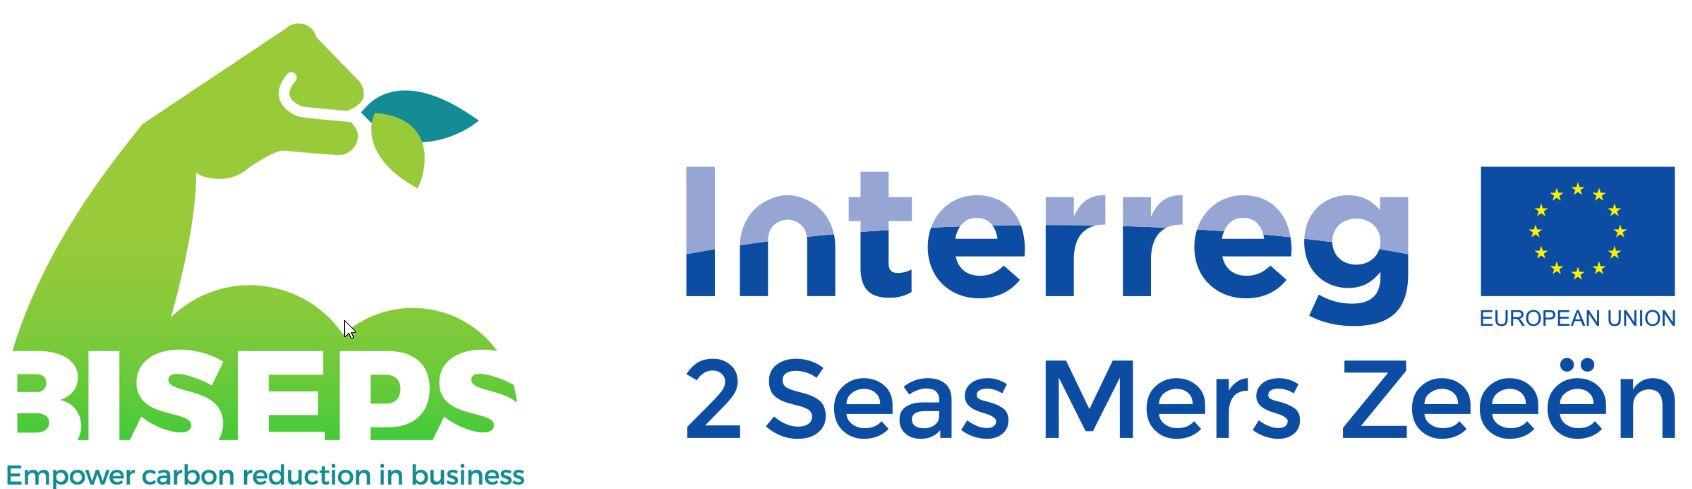 Afbeeldingsresultaat voor logo interreg 2zeeen biceps